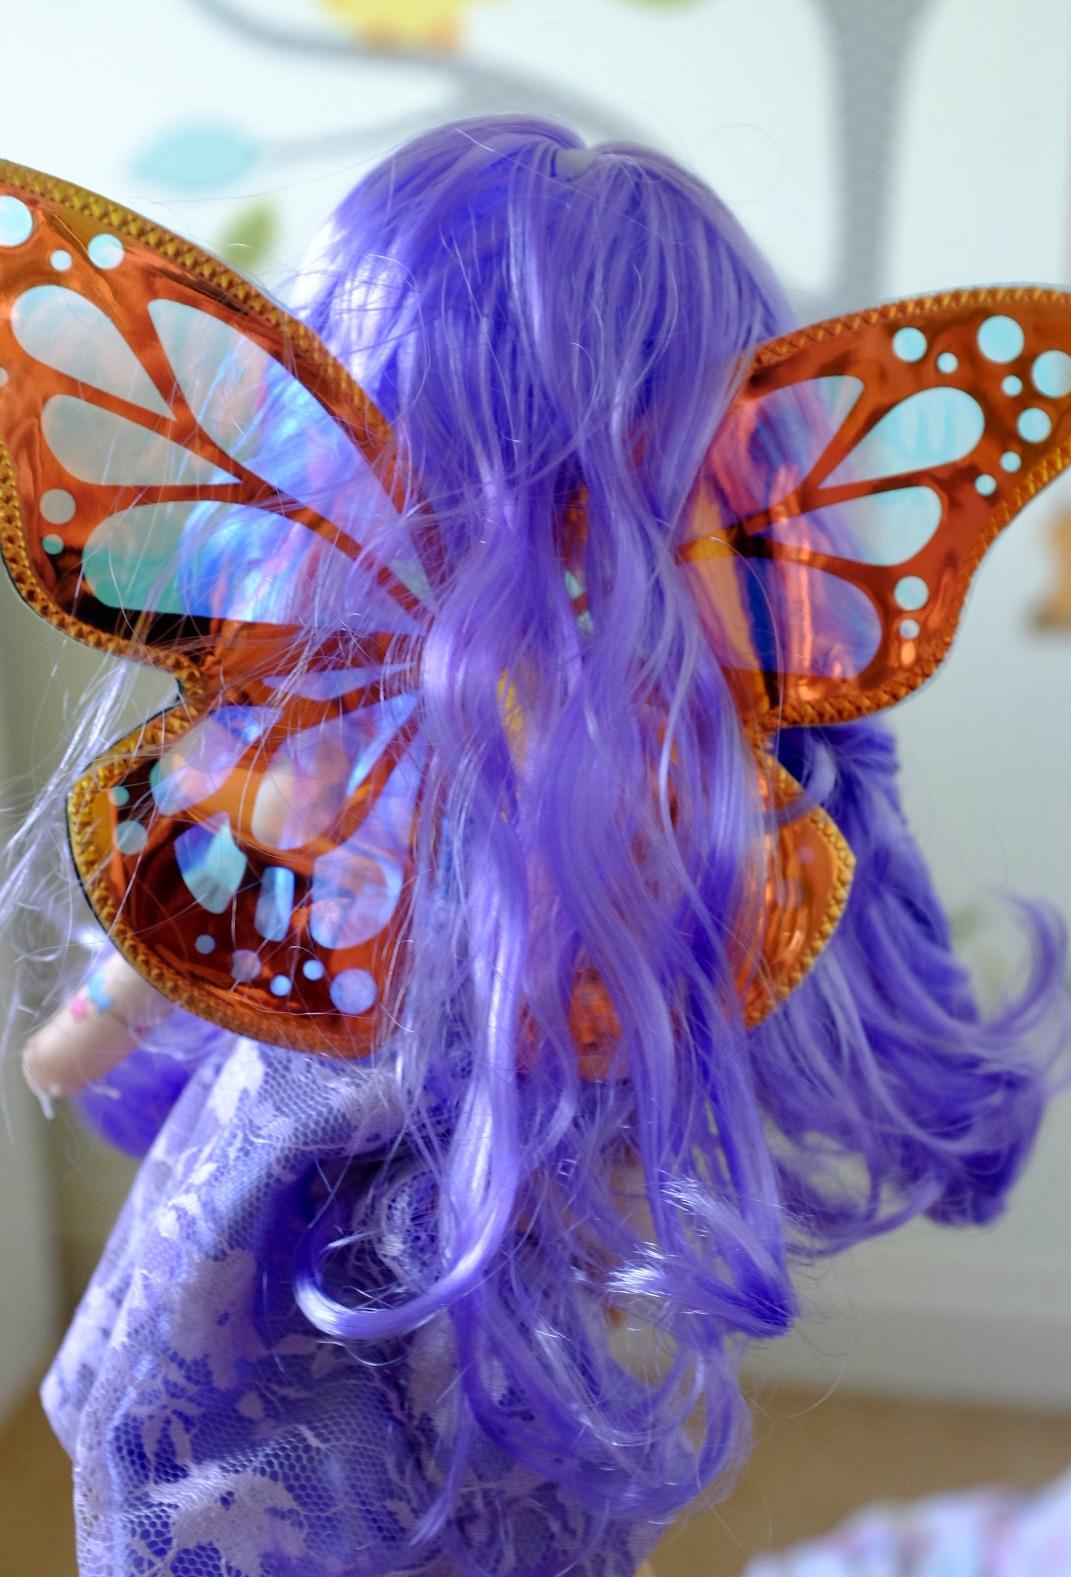 wings on dream seeker doll